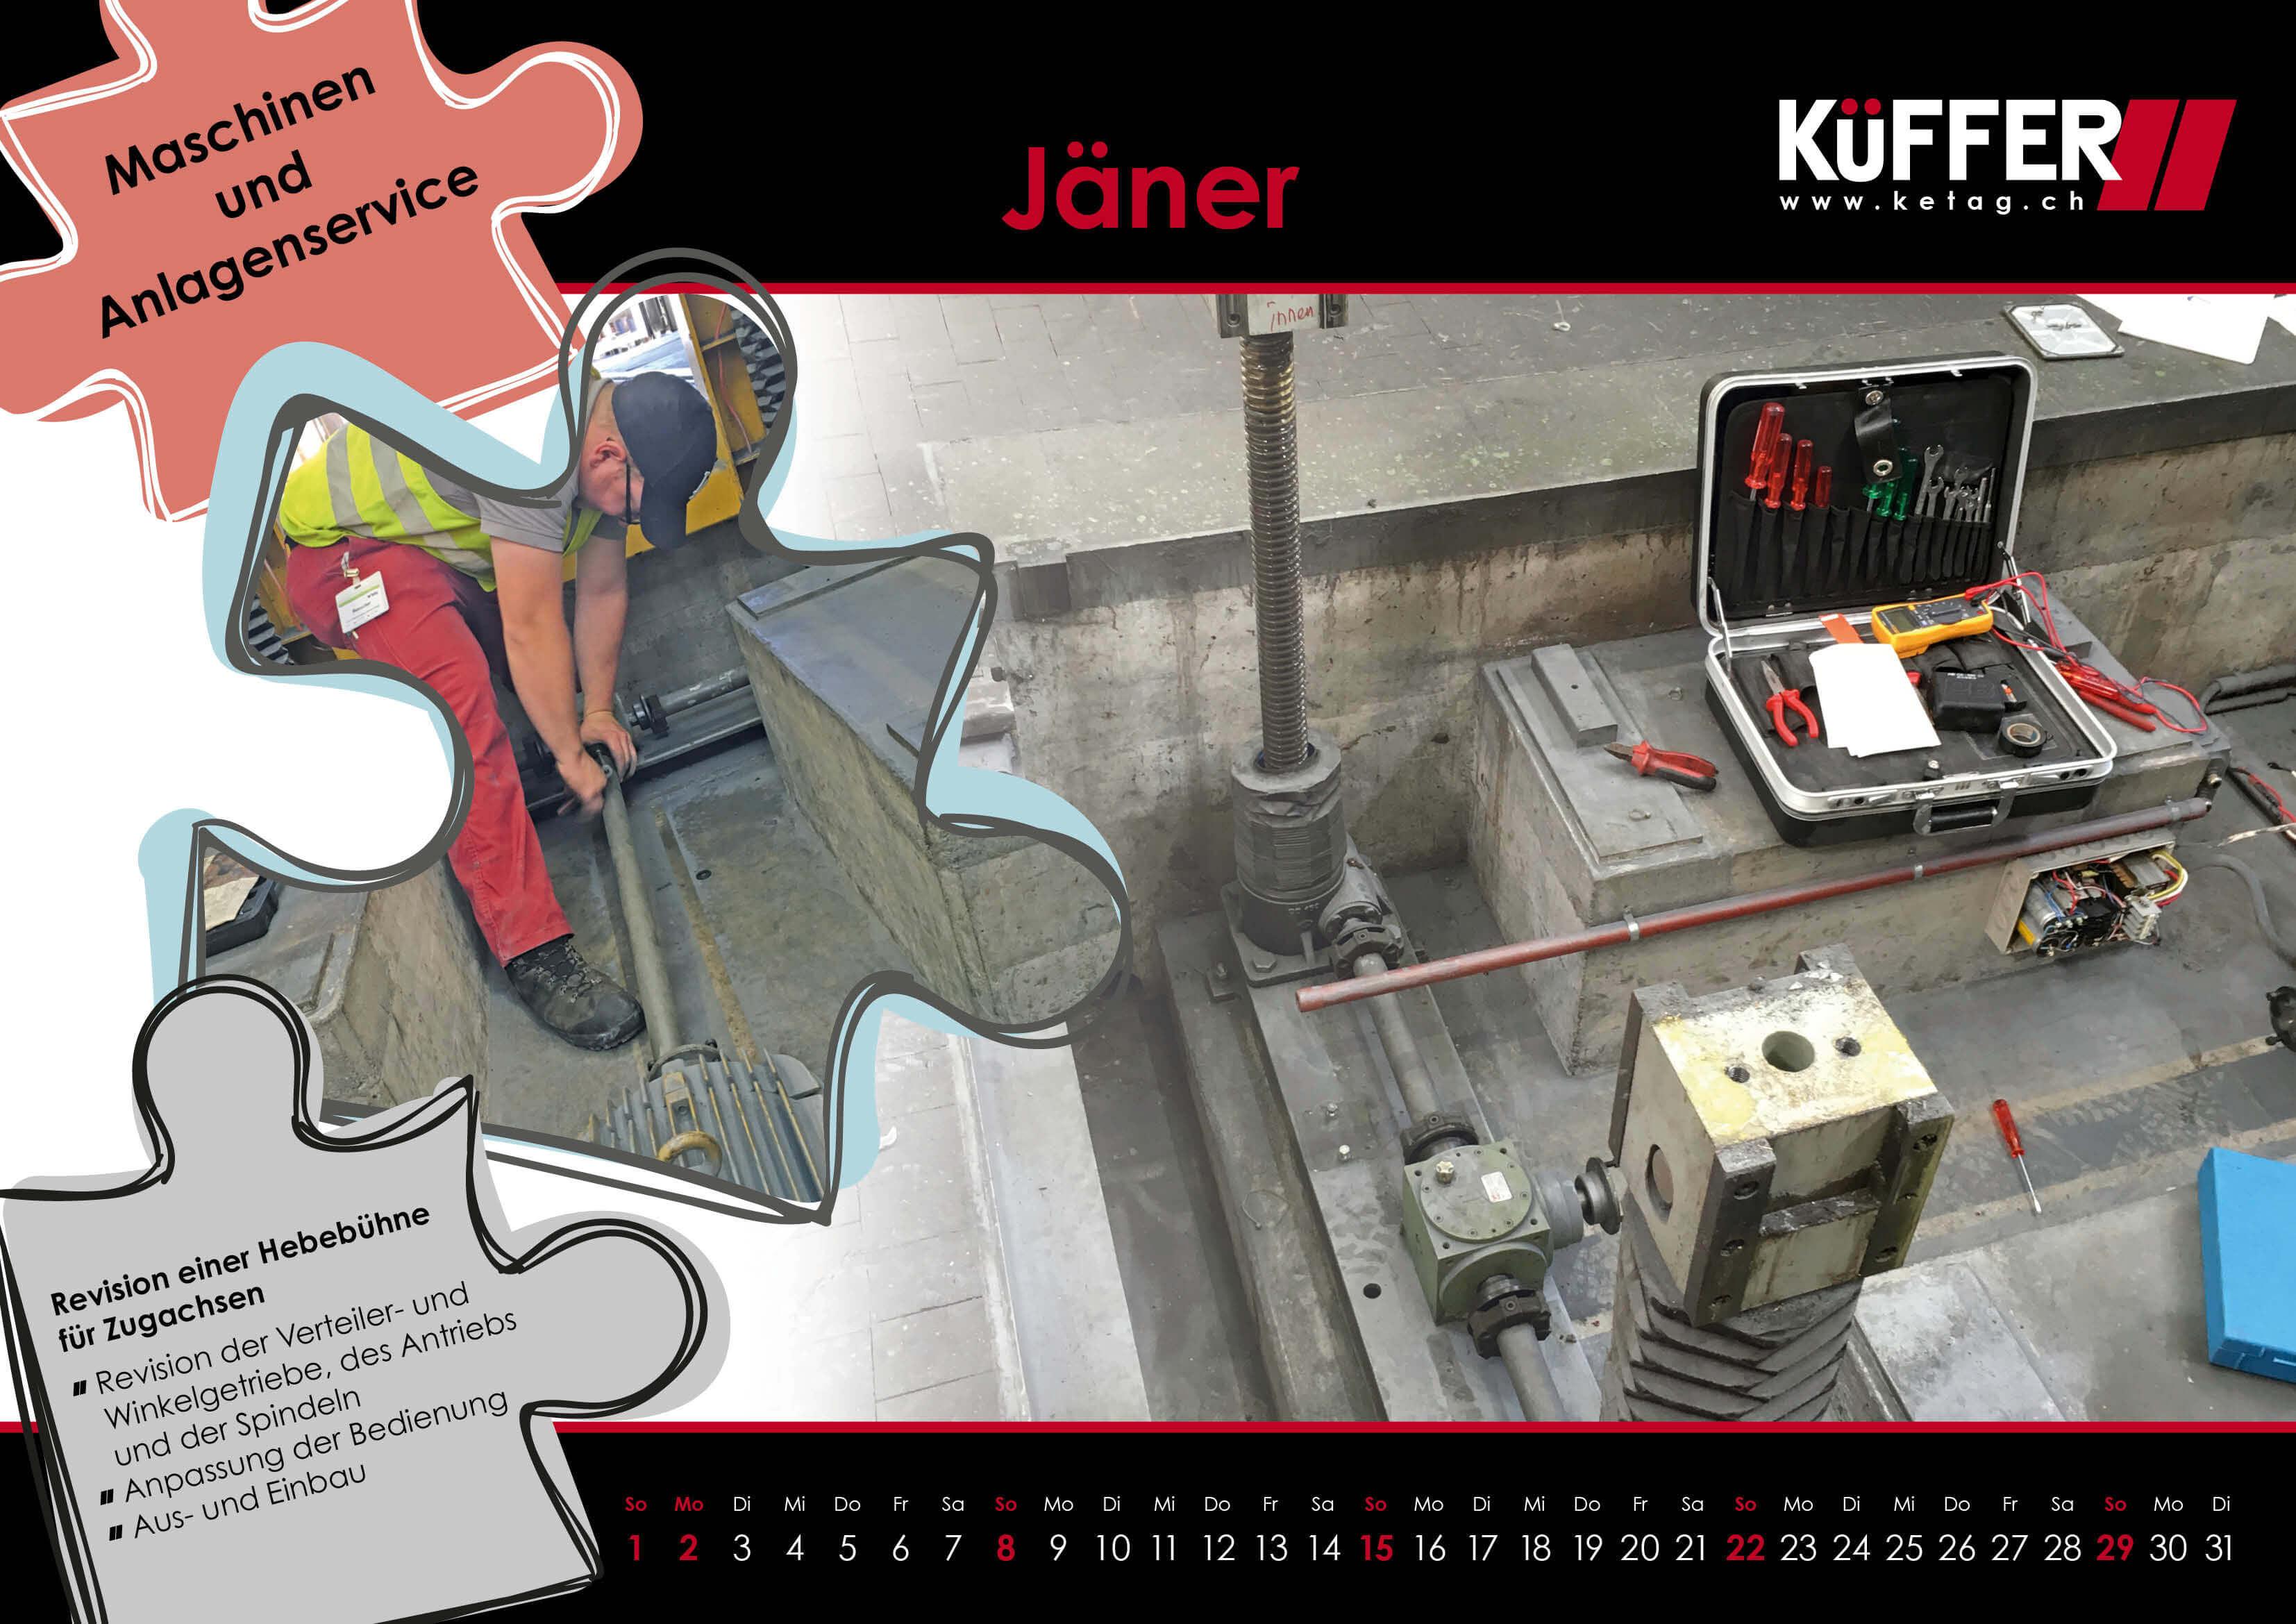 Kalender Januar 2017 - Küfffer Elektro-Technik